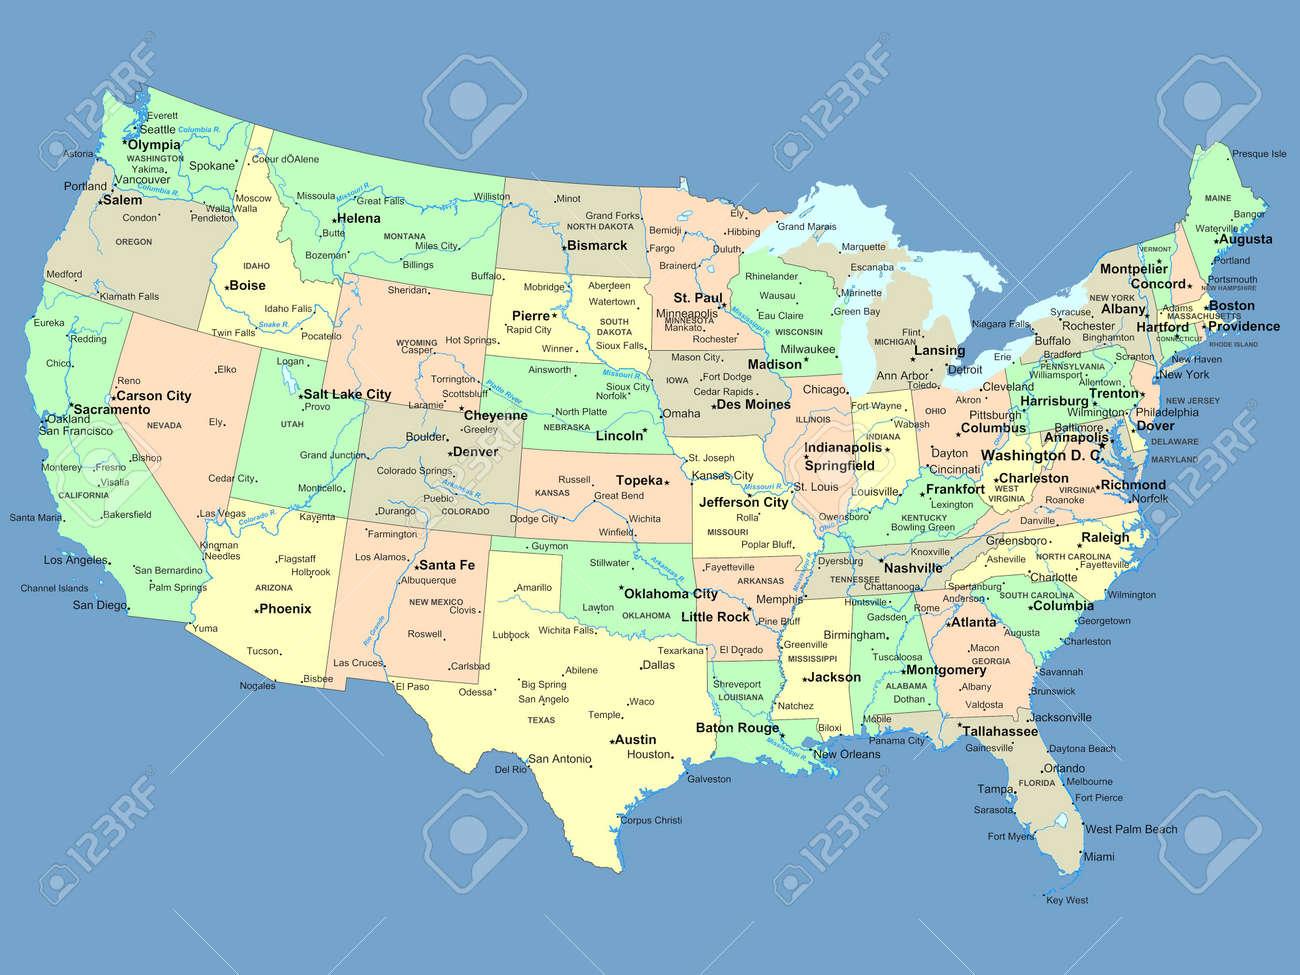 Cartina America Stati Uniti.Stati Uniti D America Mappa Con I Nomi Di Stati E Citta